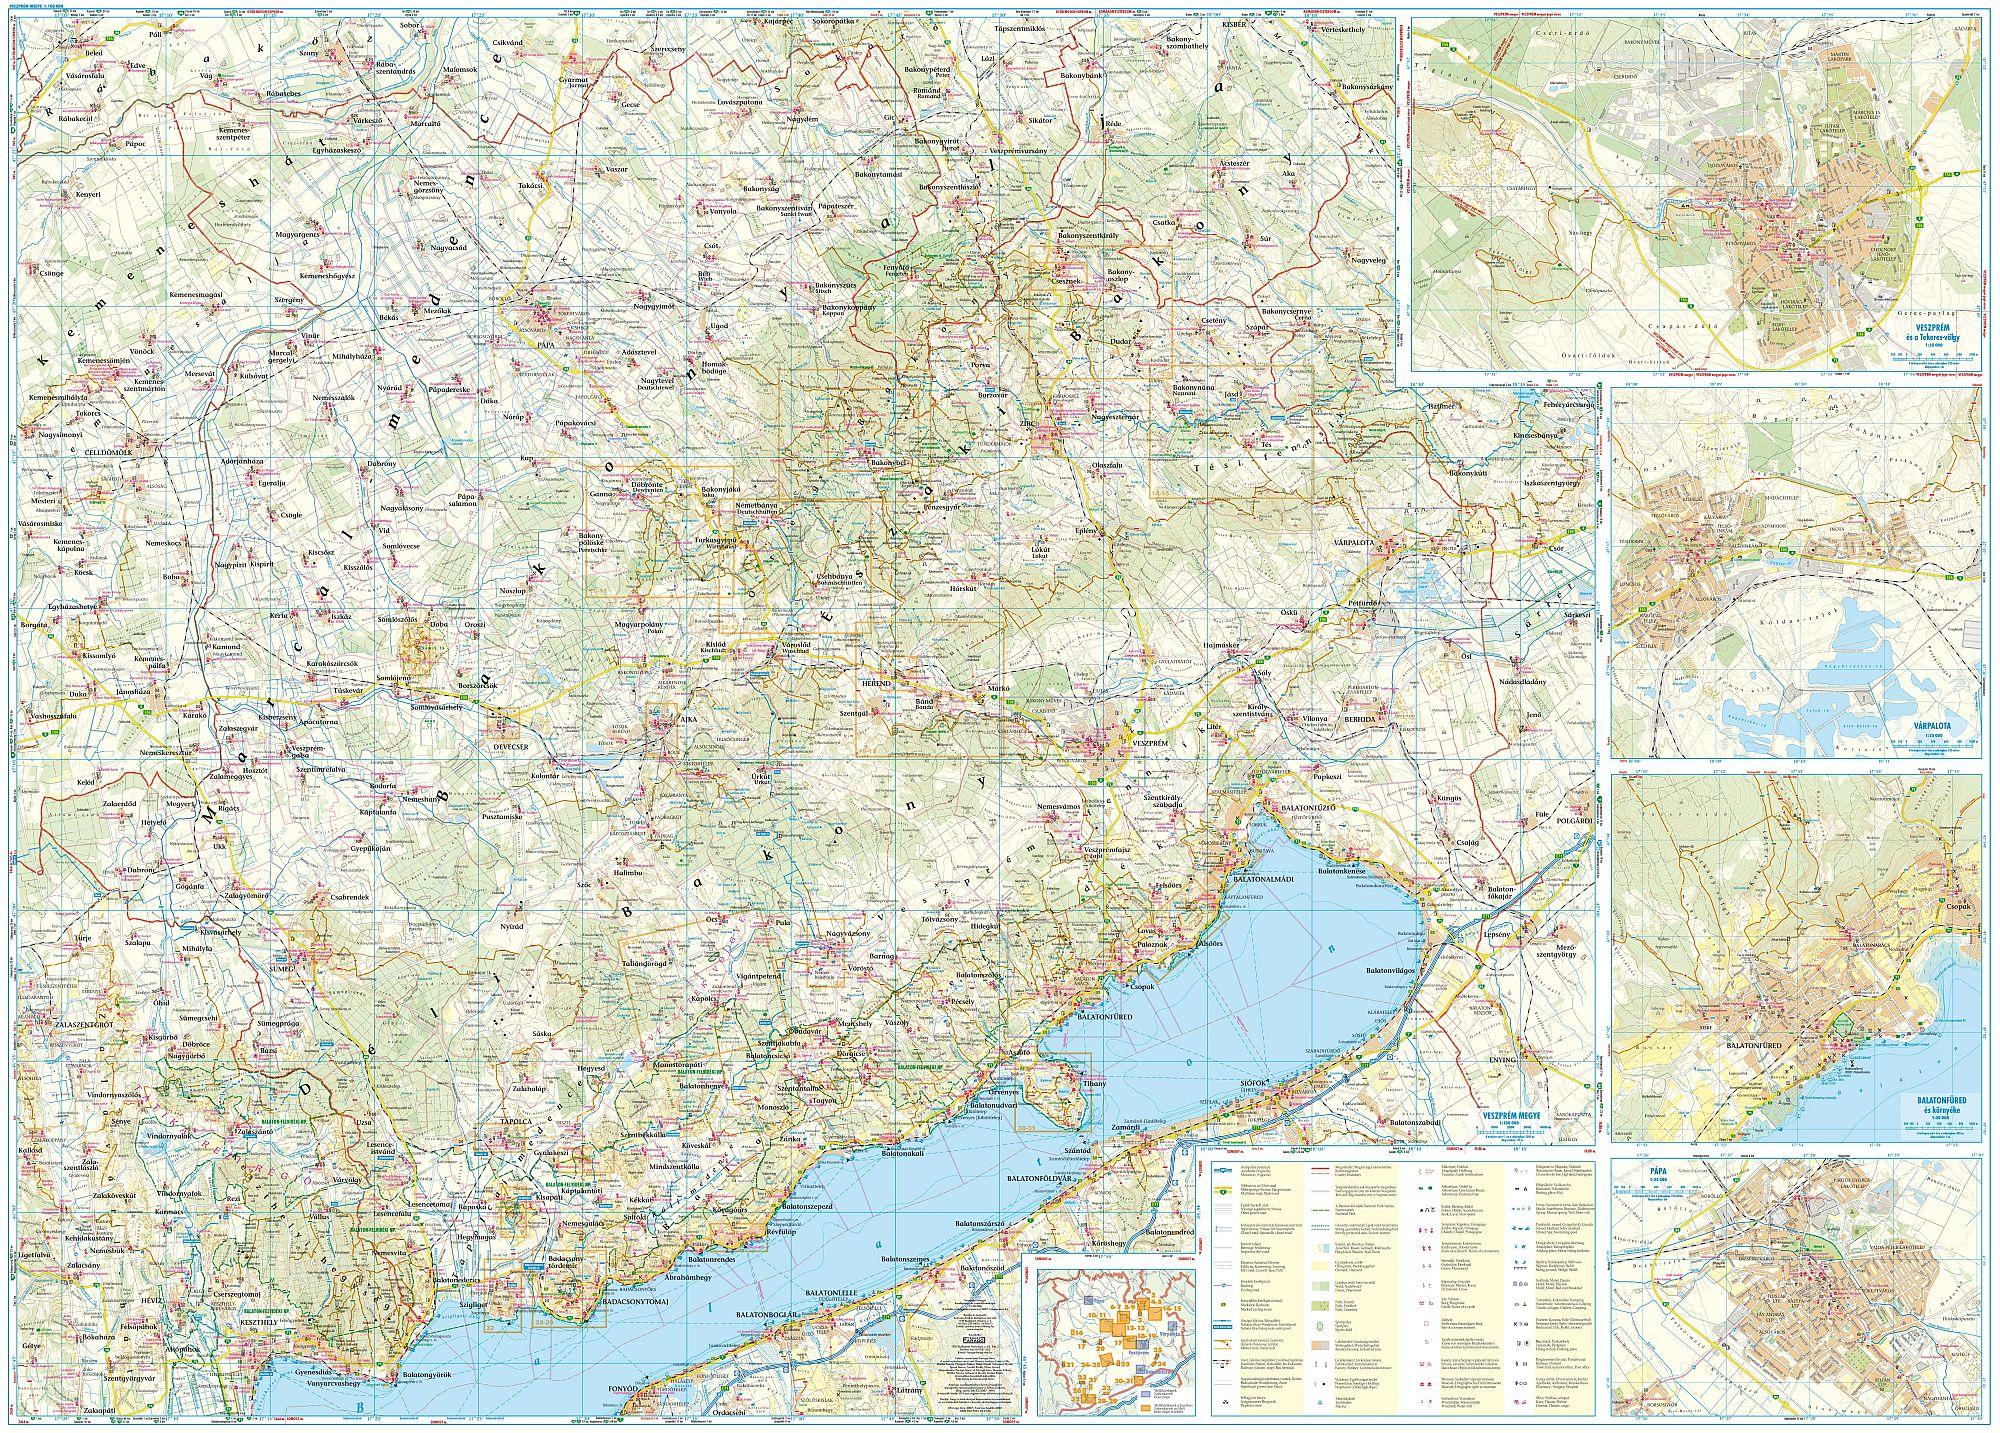 Turista-biciklis térkép mobil eszközökre